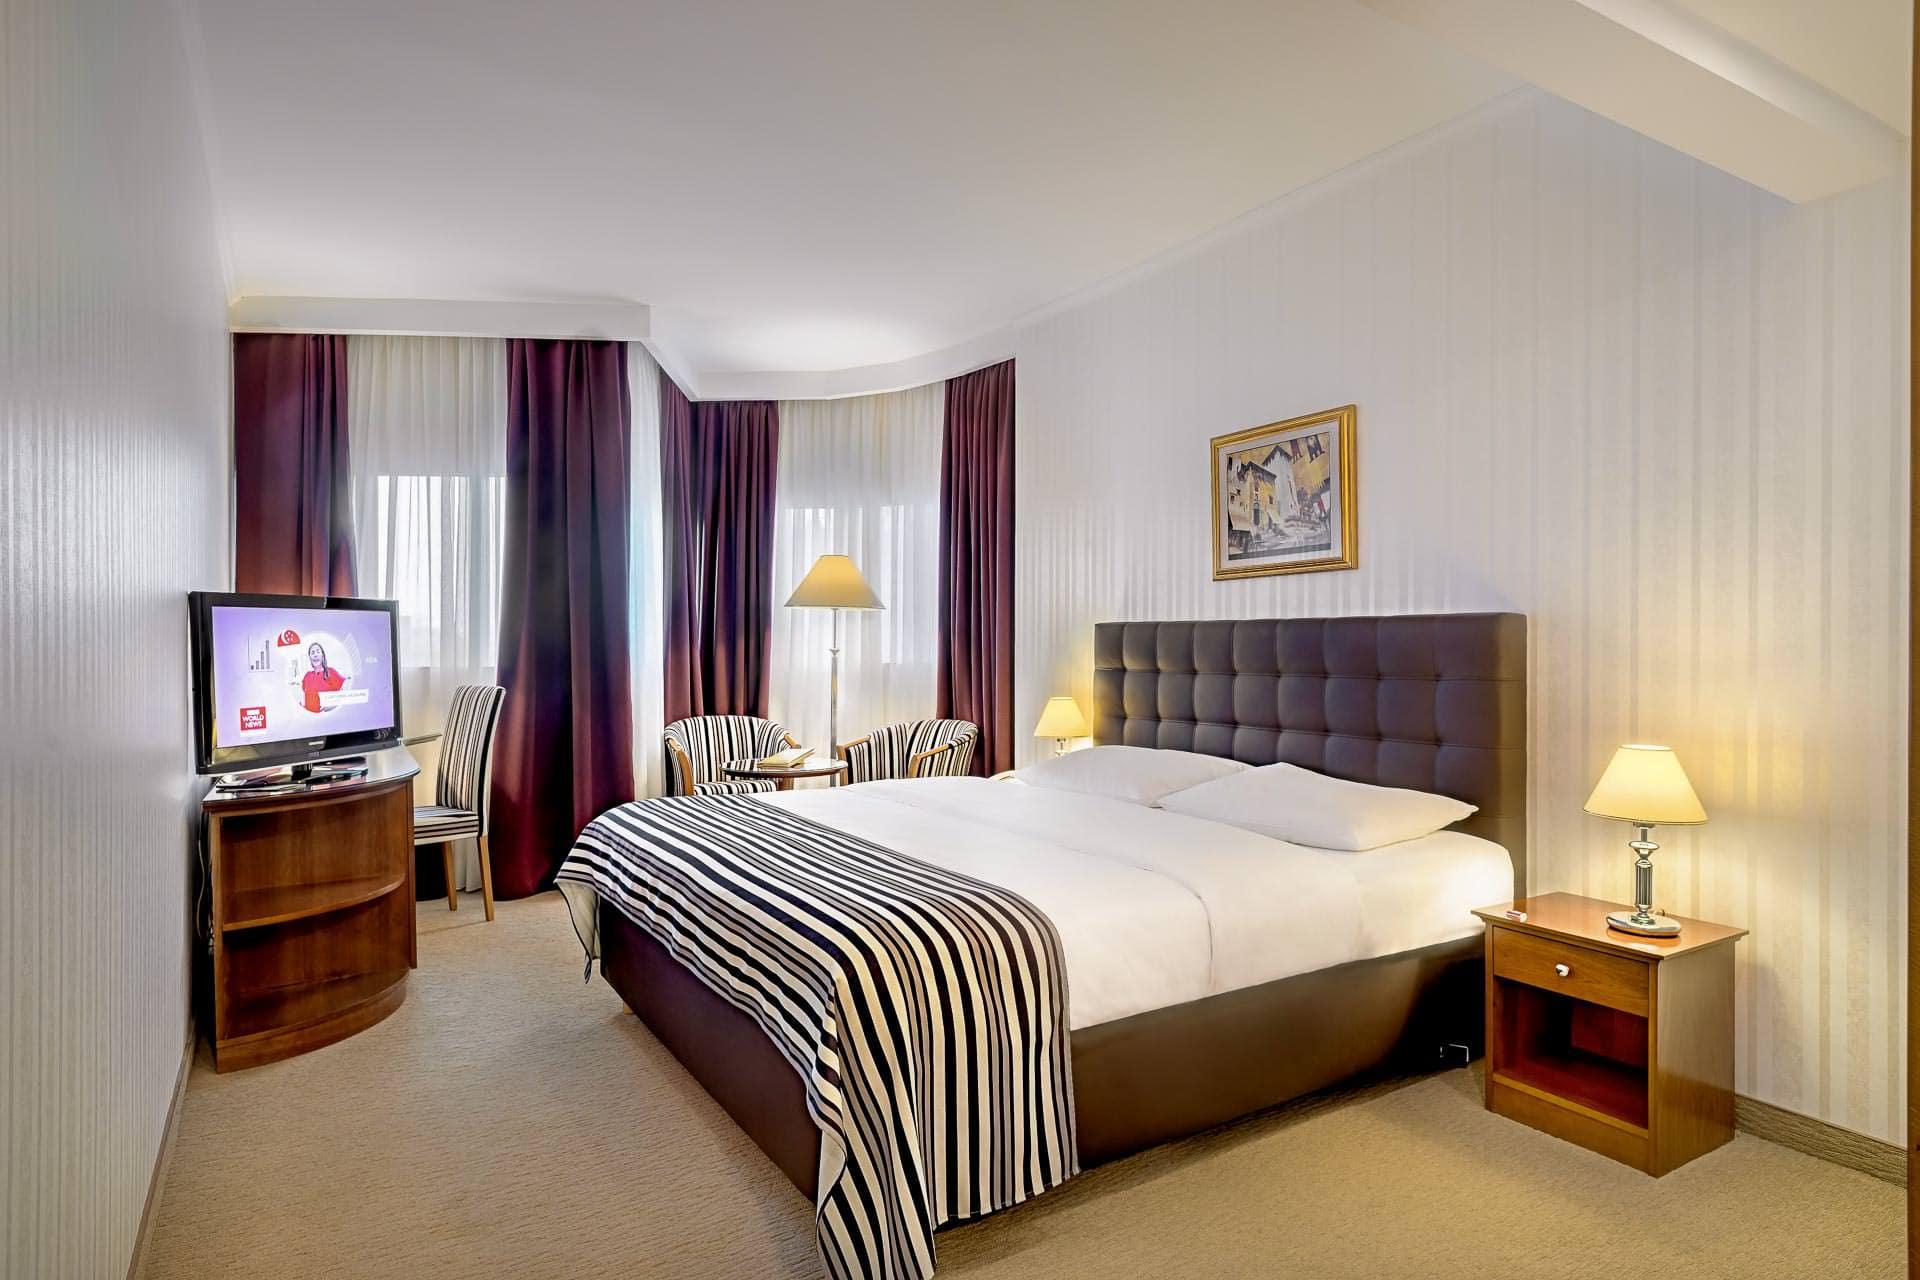 Standard King Size Room Hotel Dubrovnik In Zagreb